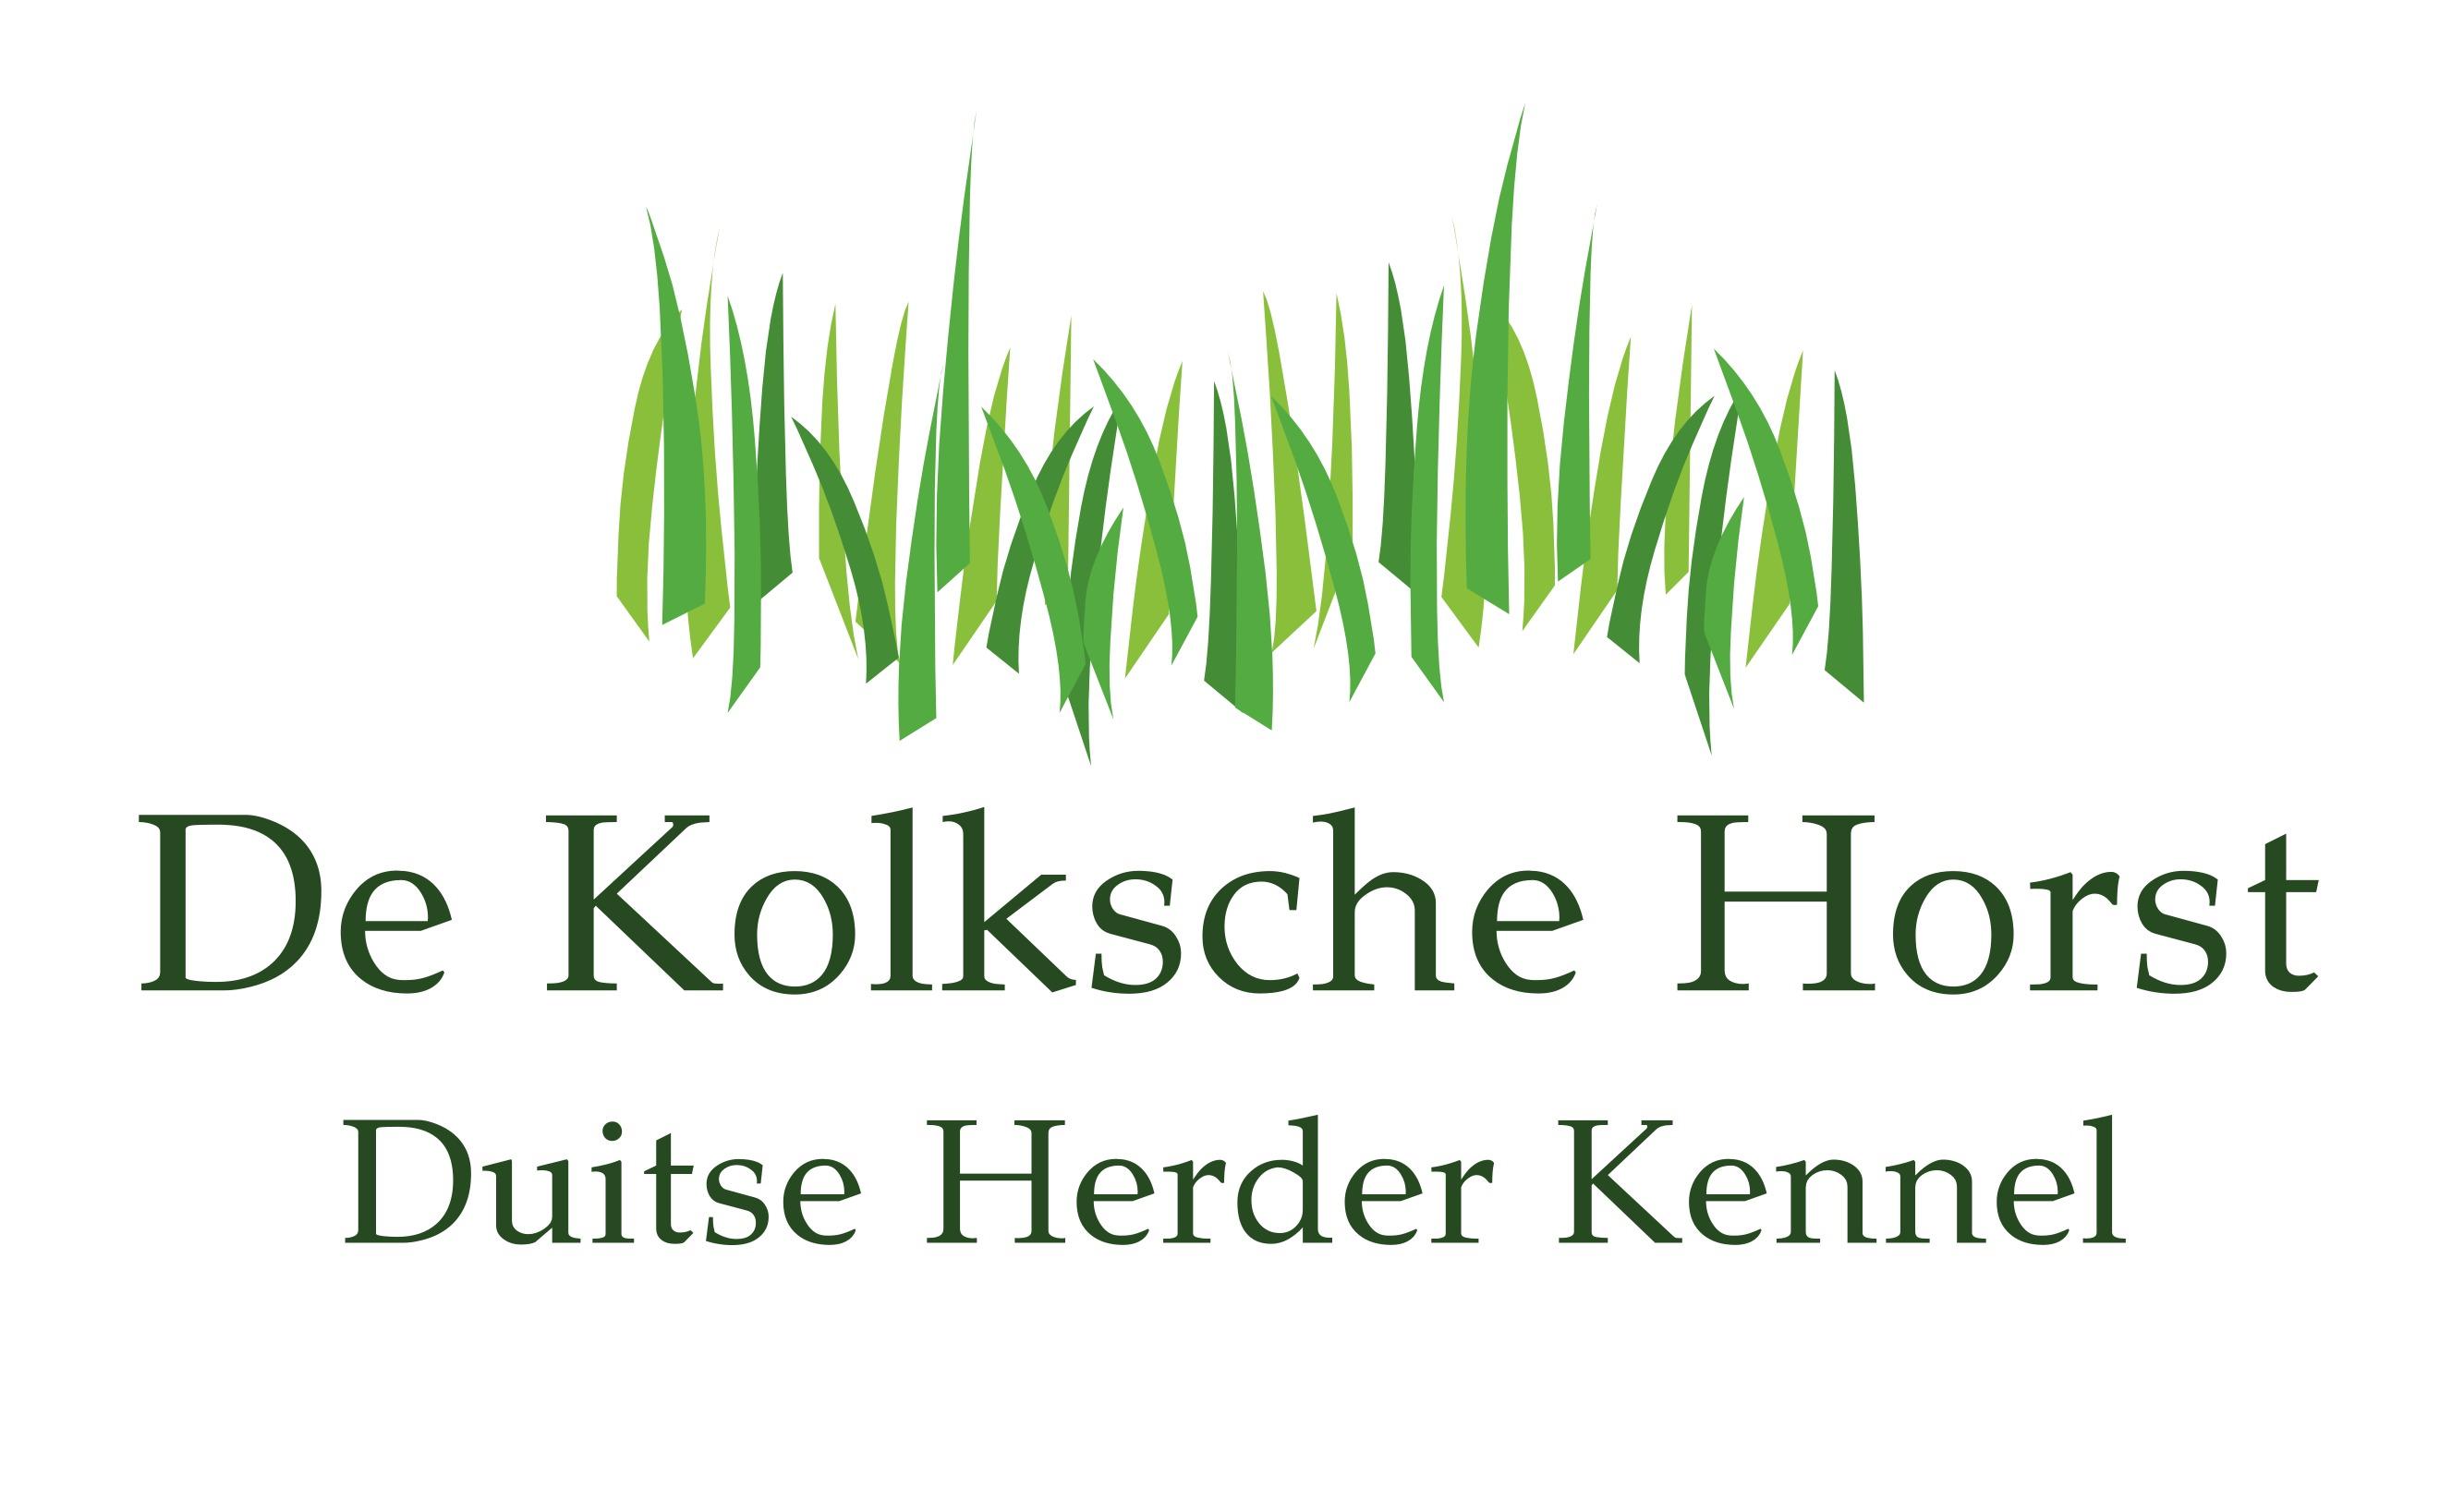 De Kolksche Horst